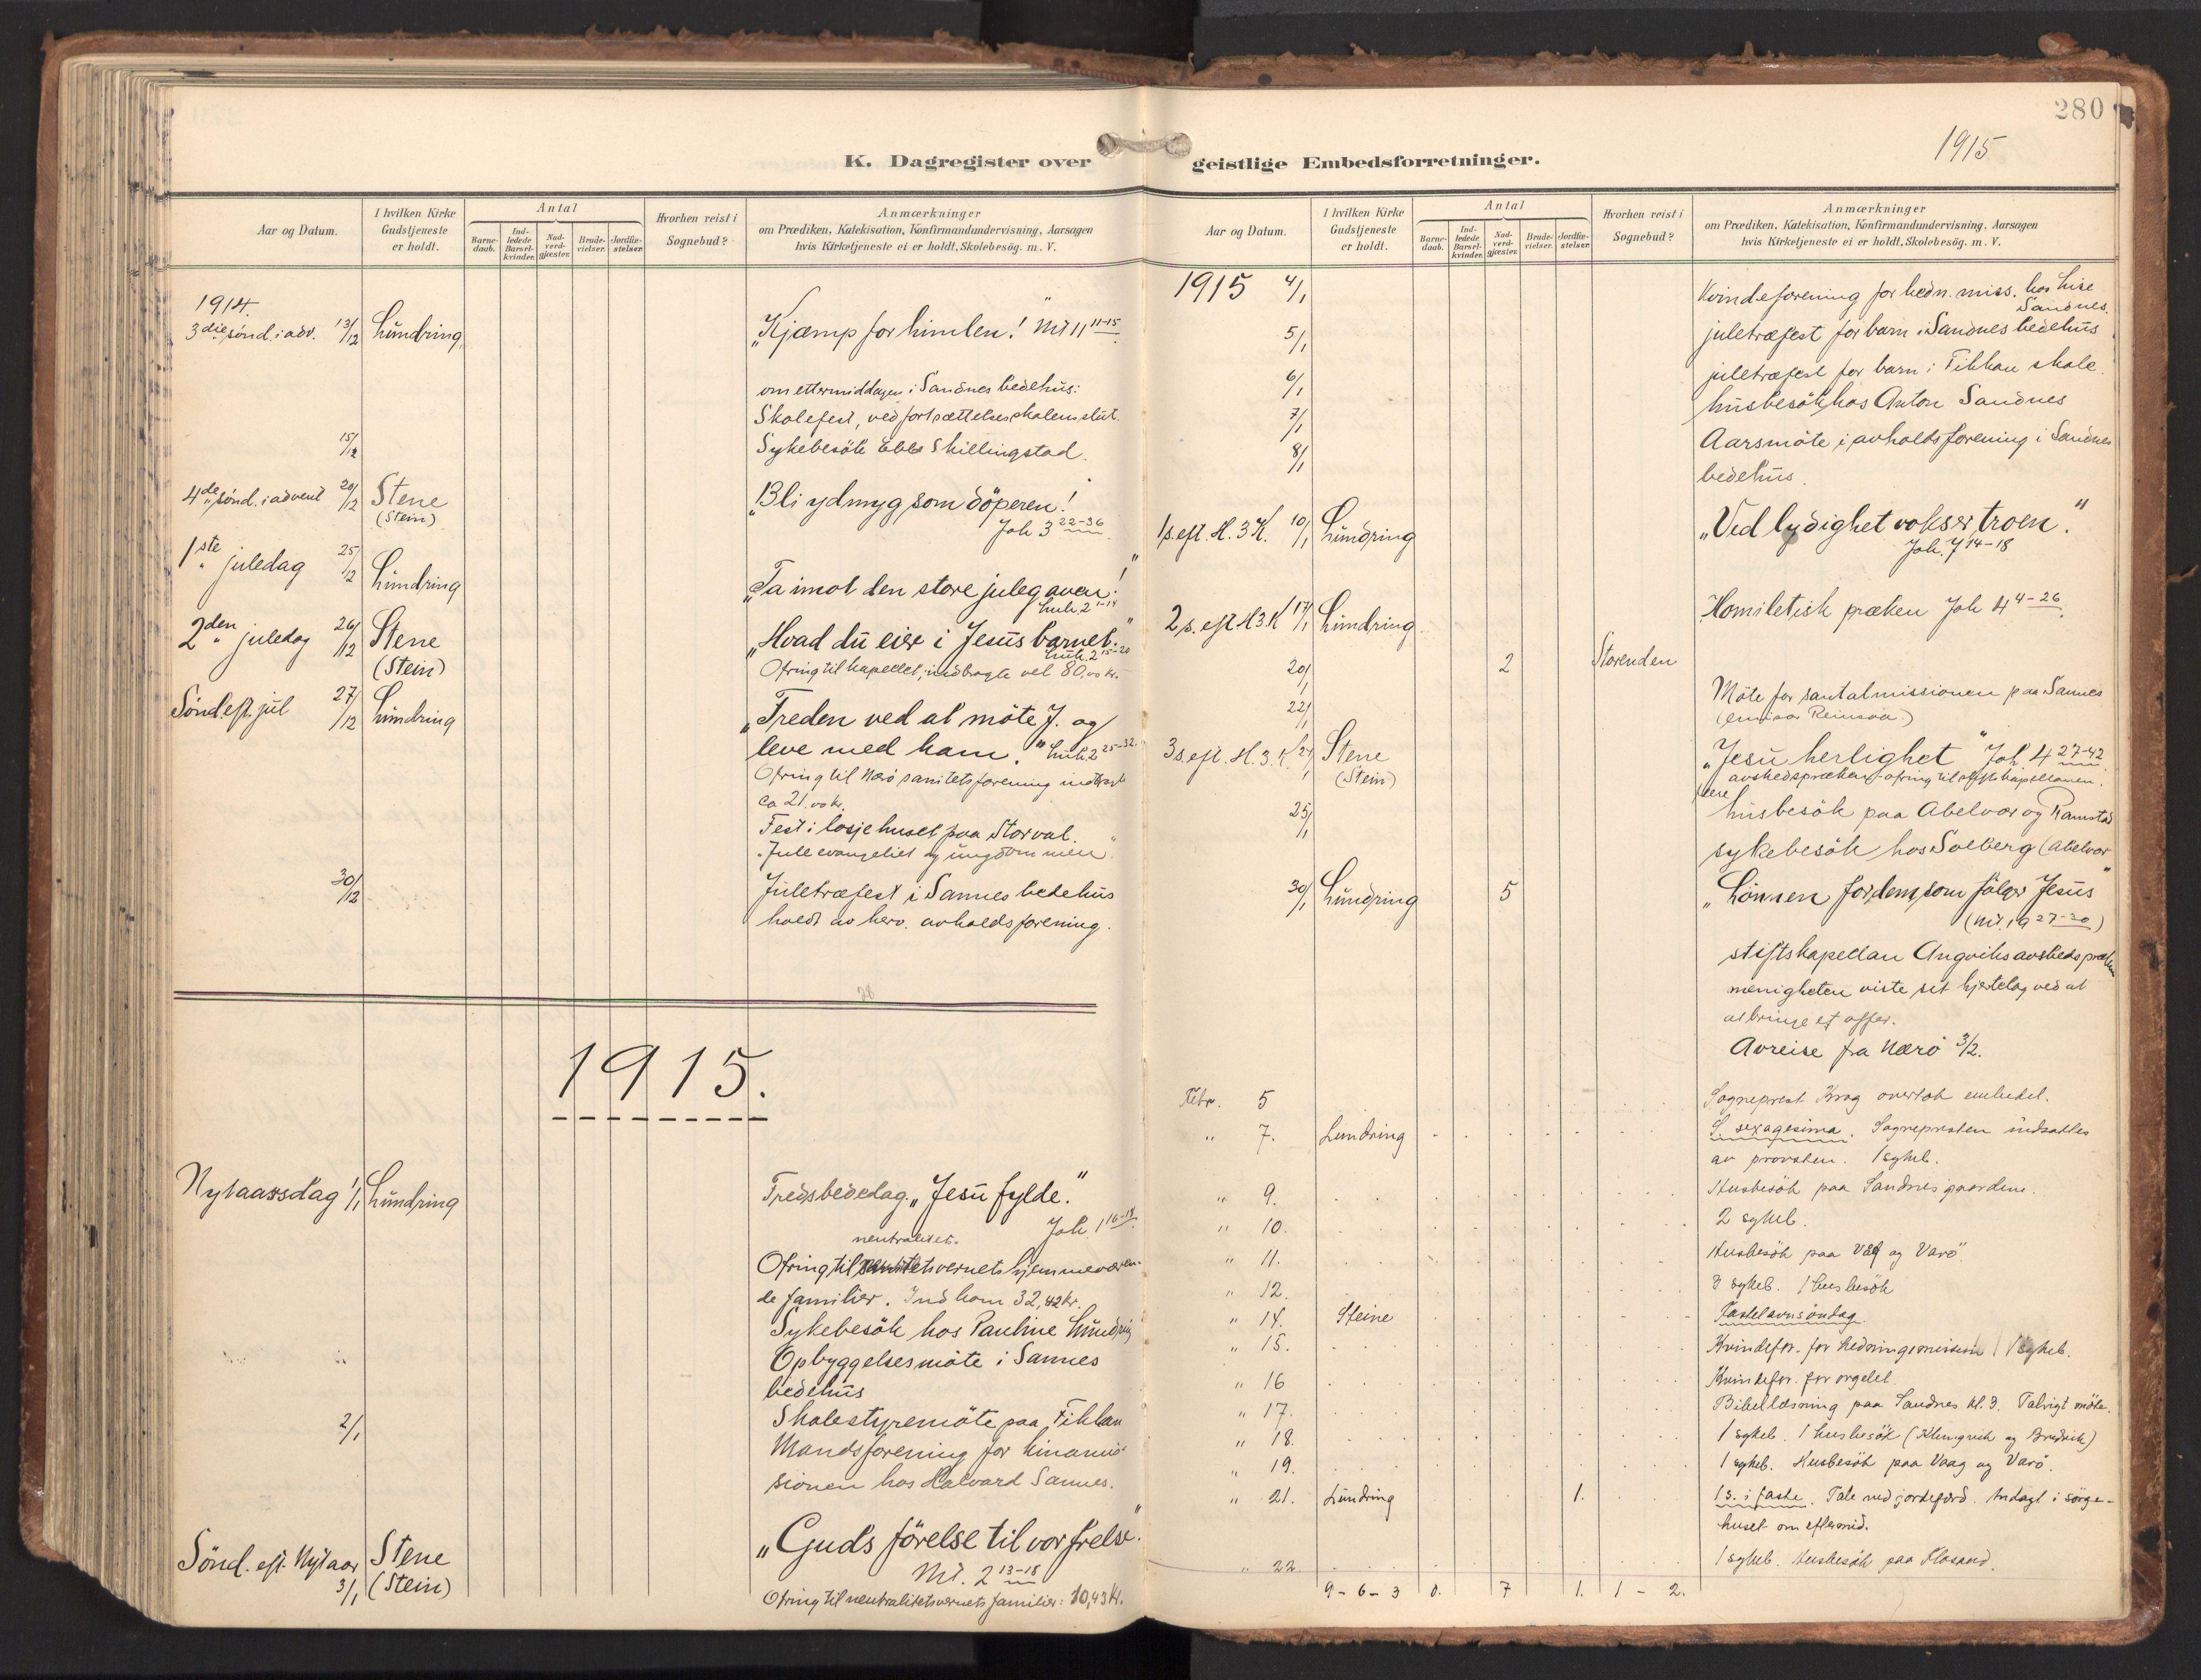 SAT, Ministerialprotokoller, klokkerbøker og fødselsregistre - Nord-Trøndelag, 784/L0677: Ministerialbok nr. 784A12, 1900-1920, s. 280